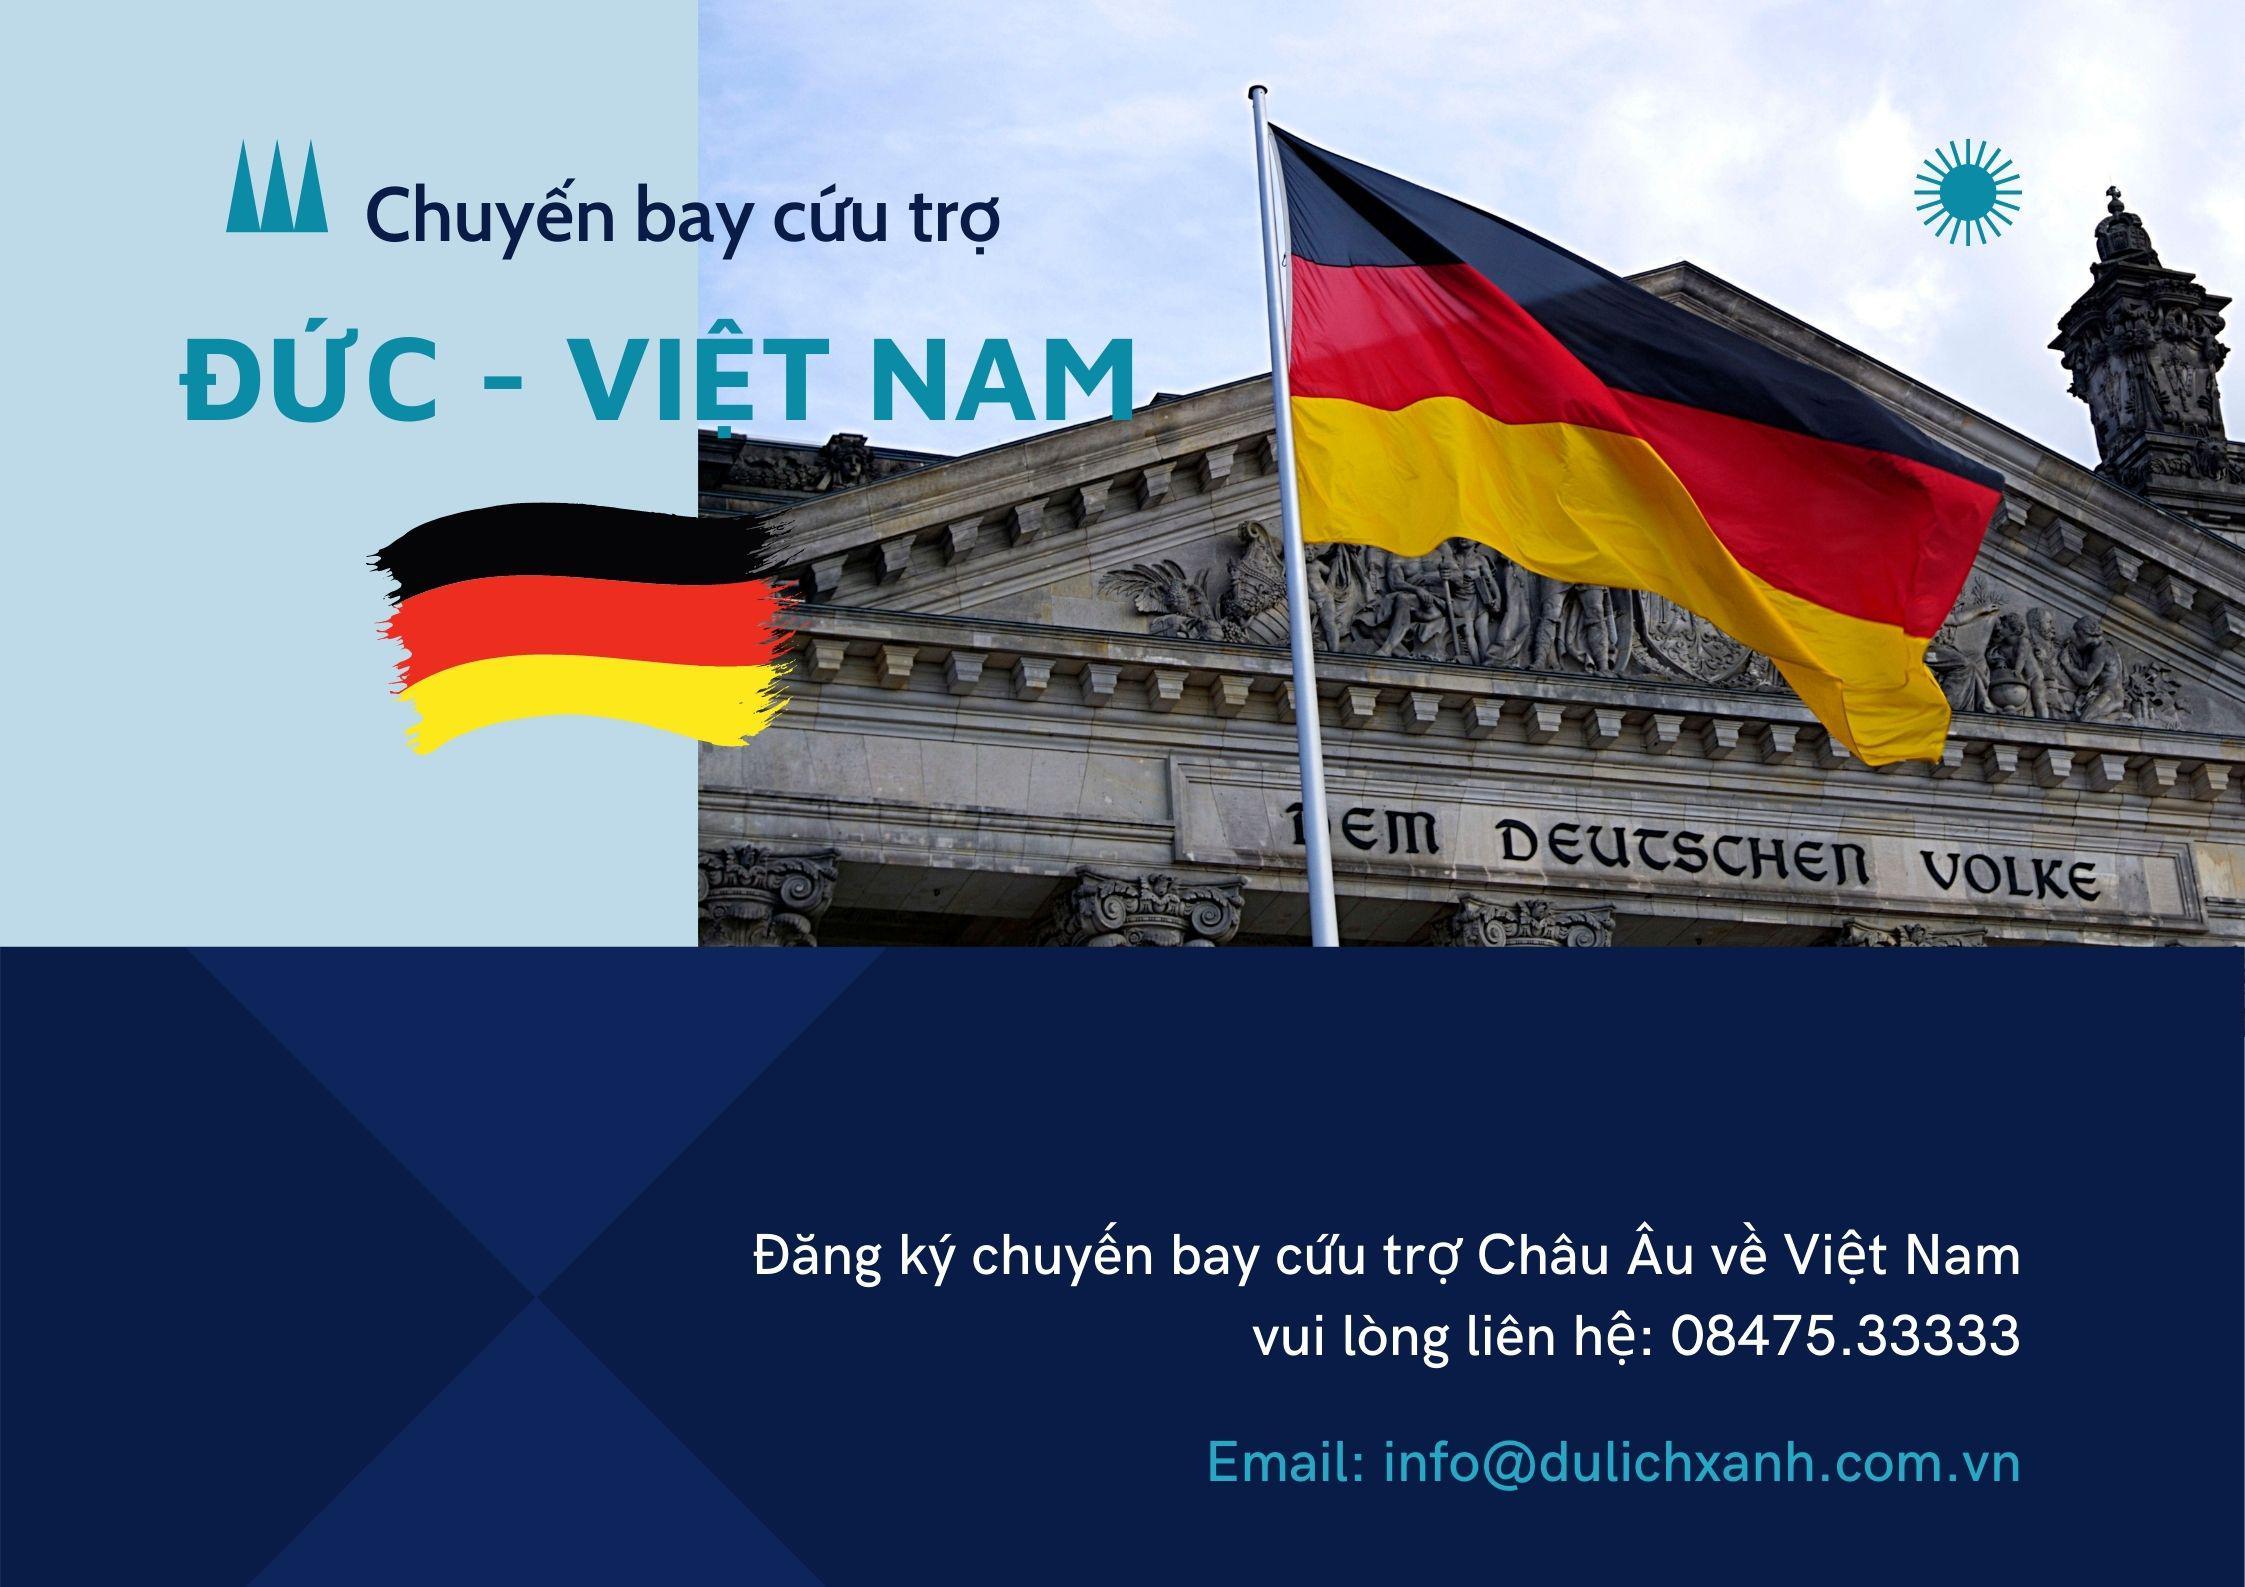 Chuyến bay cứu trợ từ Đức về Việt Nam 21/08